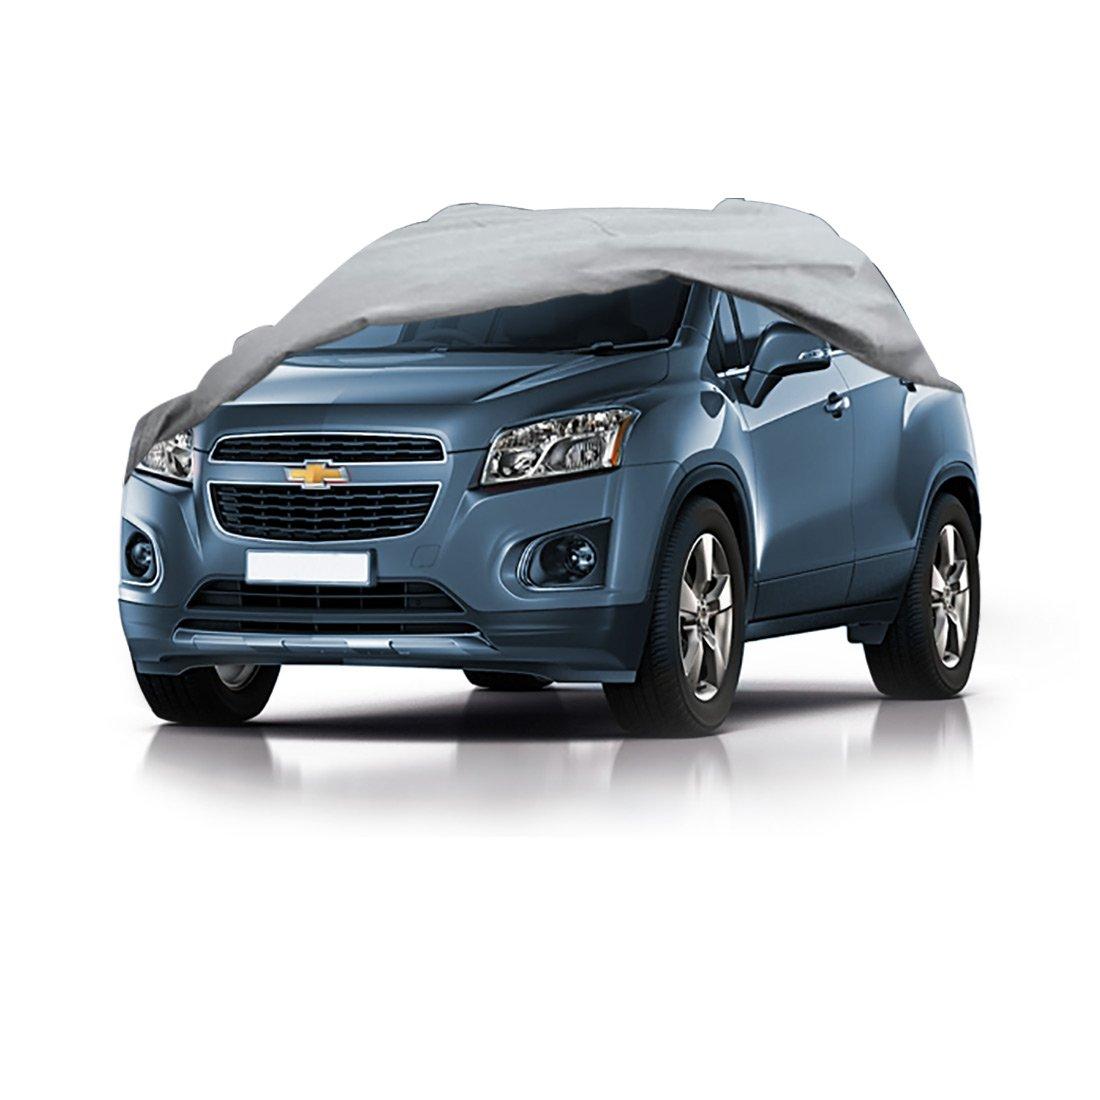 Colore : Silver, Dimensioni : 2013 Car Cover Ford ECOSPORT Coprimoto Battente Ala Speciale SUV Ispessimento Parasole antisoffio Parasole copriauto